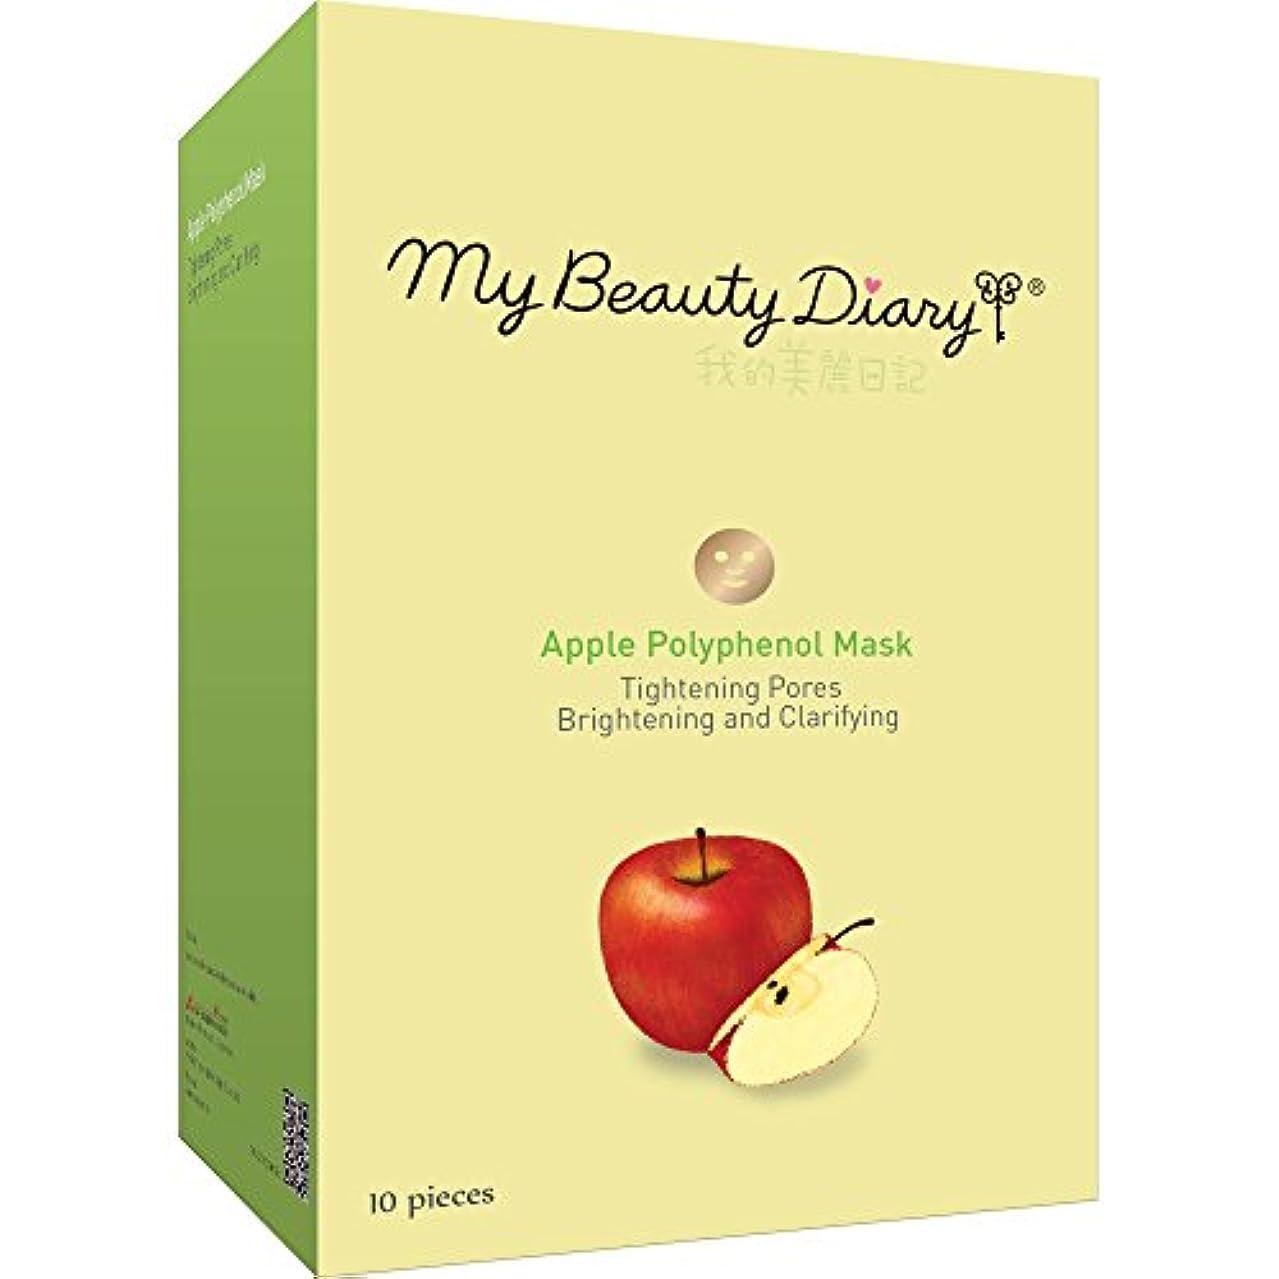 My Beauty Diary フェイシャルマスク、アップルポリフェノール2015、10カウント